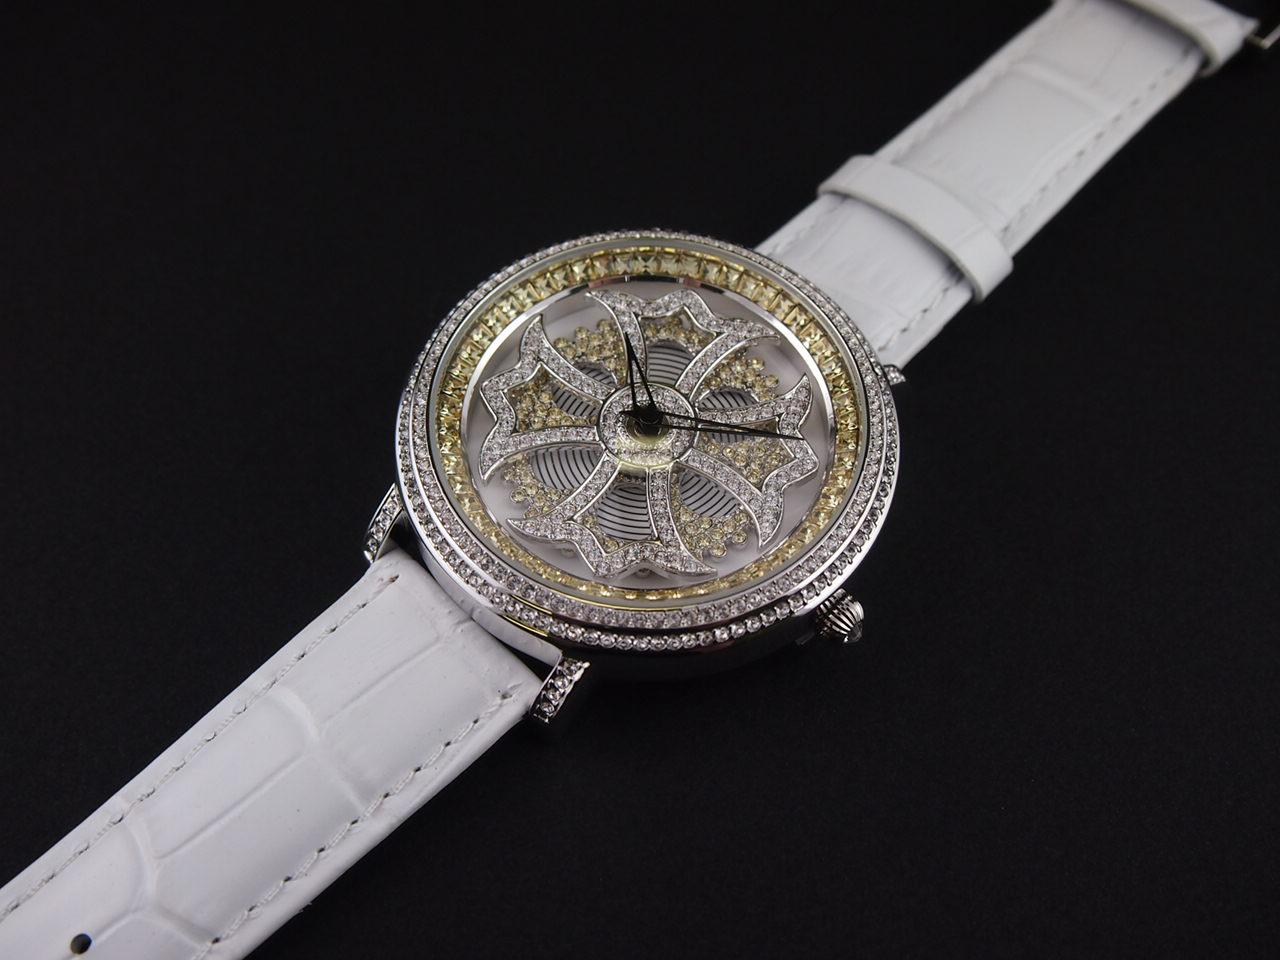 (公式)アンコキーヌ Anne Coquine 腕時計 メンズ 時計 バイカラー クロスシルバーベゼル クリア×イエロー (本体イエロー×シロ ベルト:シロ) 1110-0601 ウォッチ ブランド 高級 スワロフスキー ぐるぐる くるくる 回る プレゼント ギフト 父の日